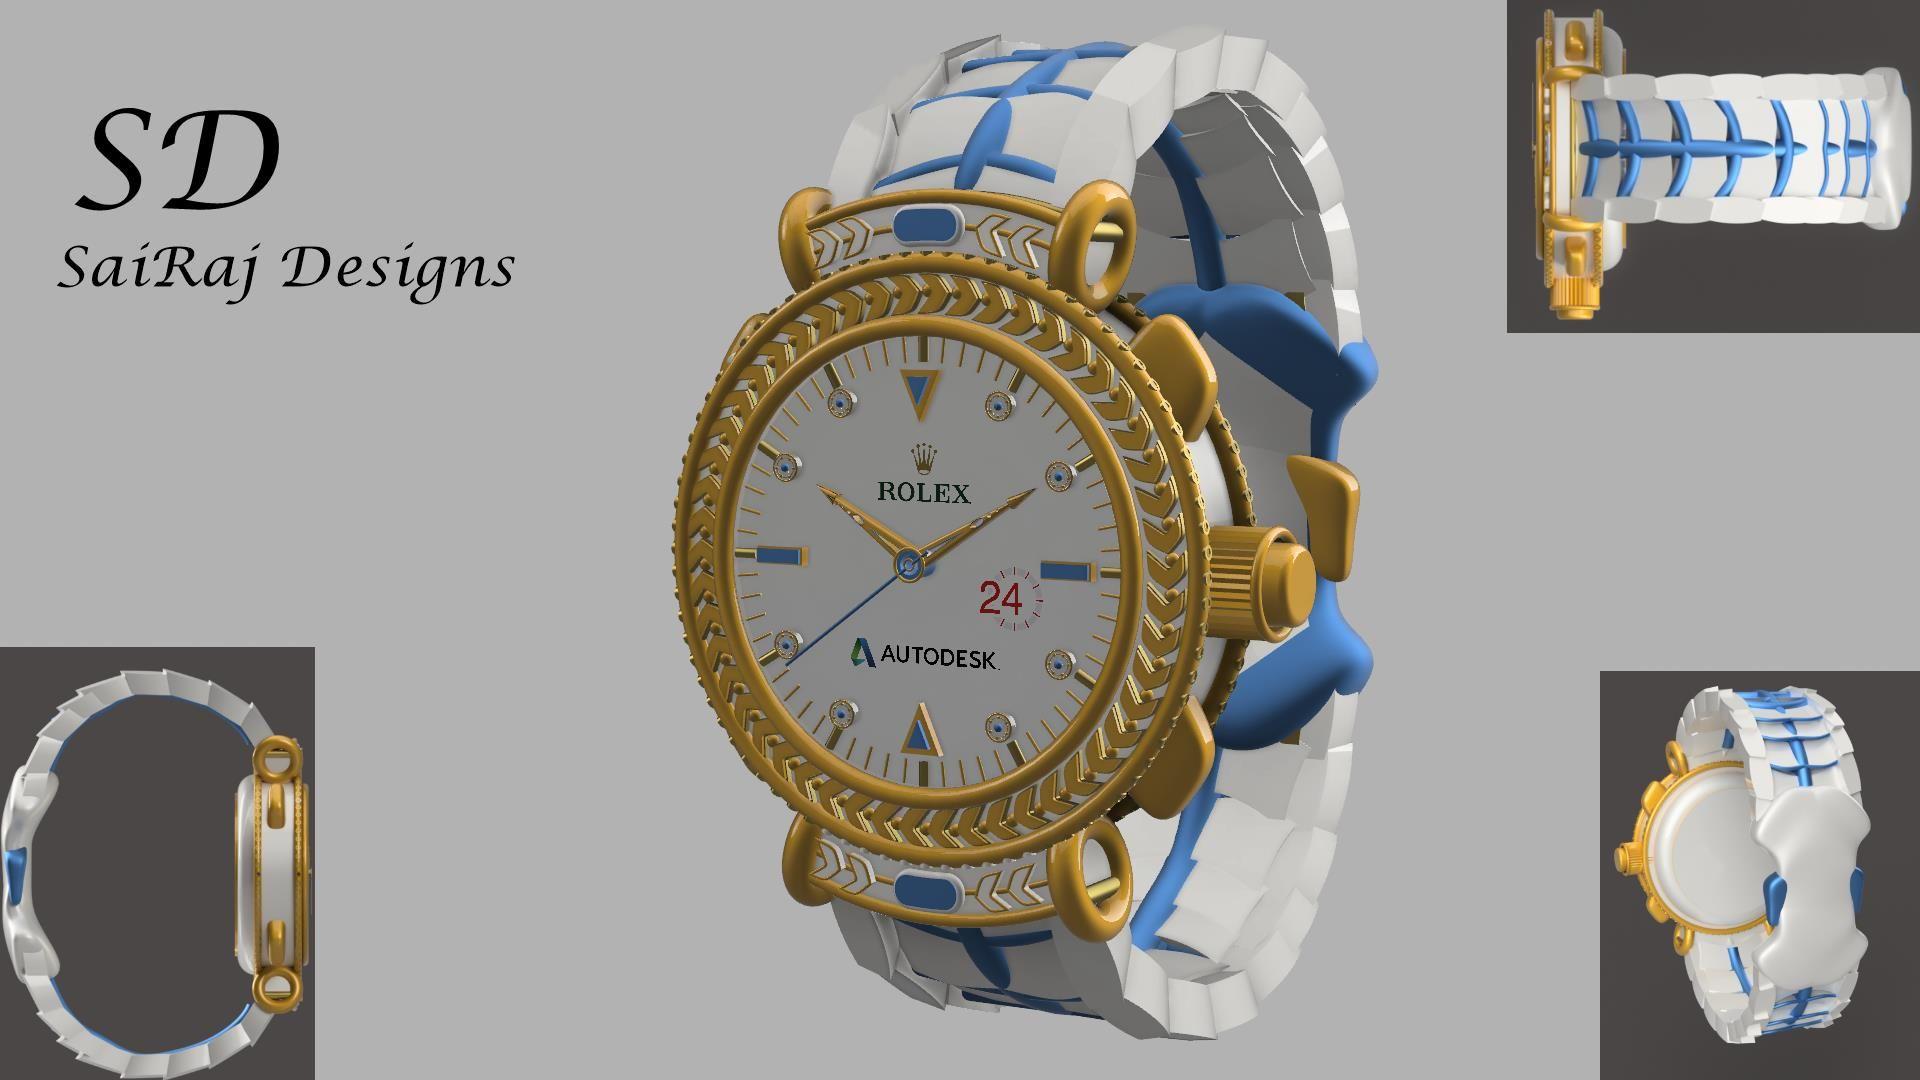 Rolexx-3500-3500